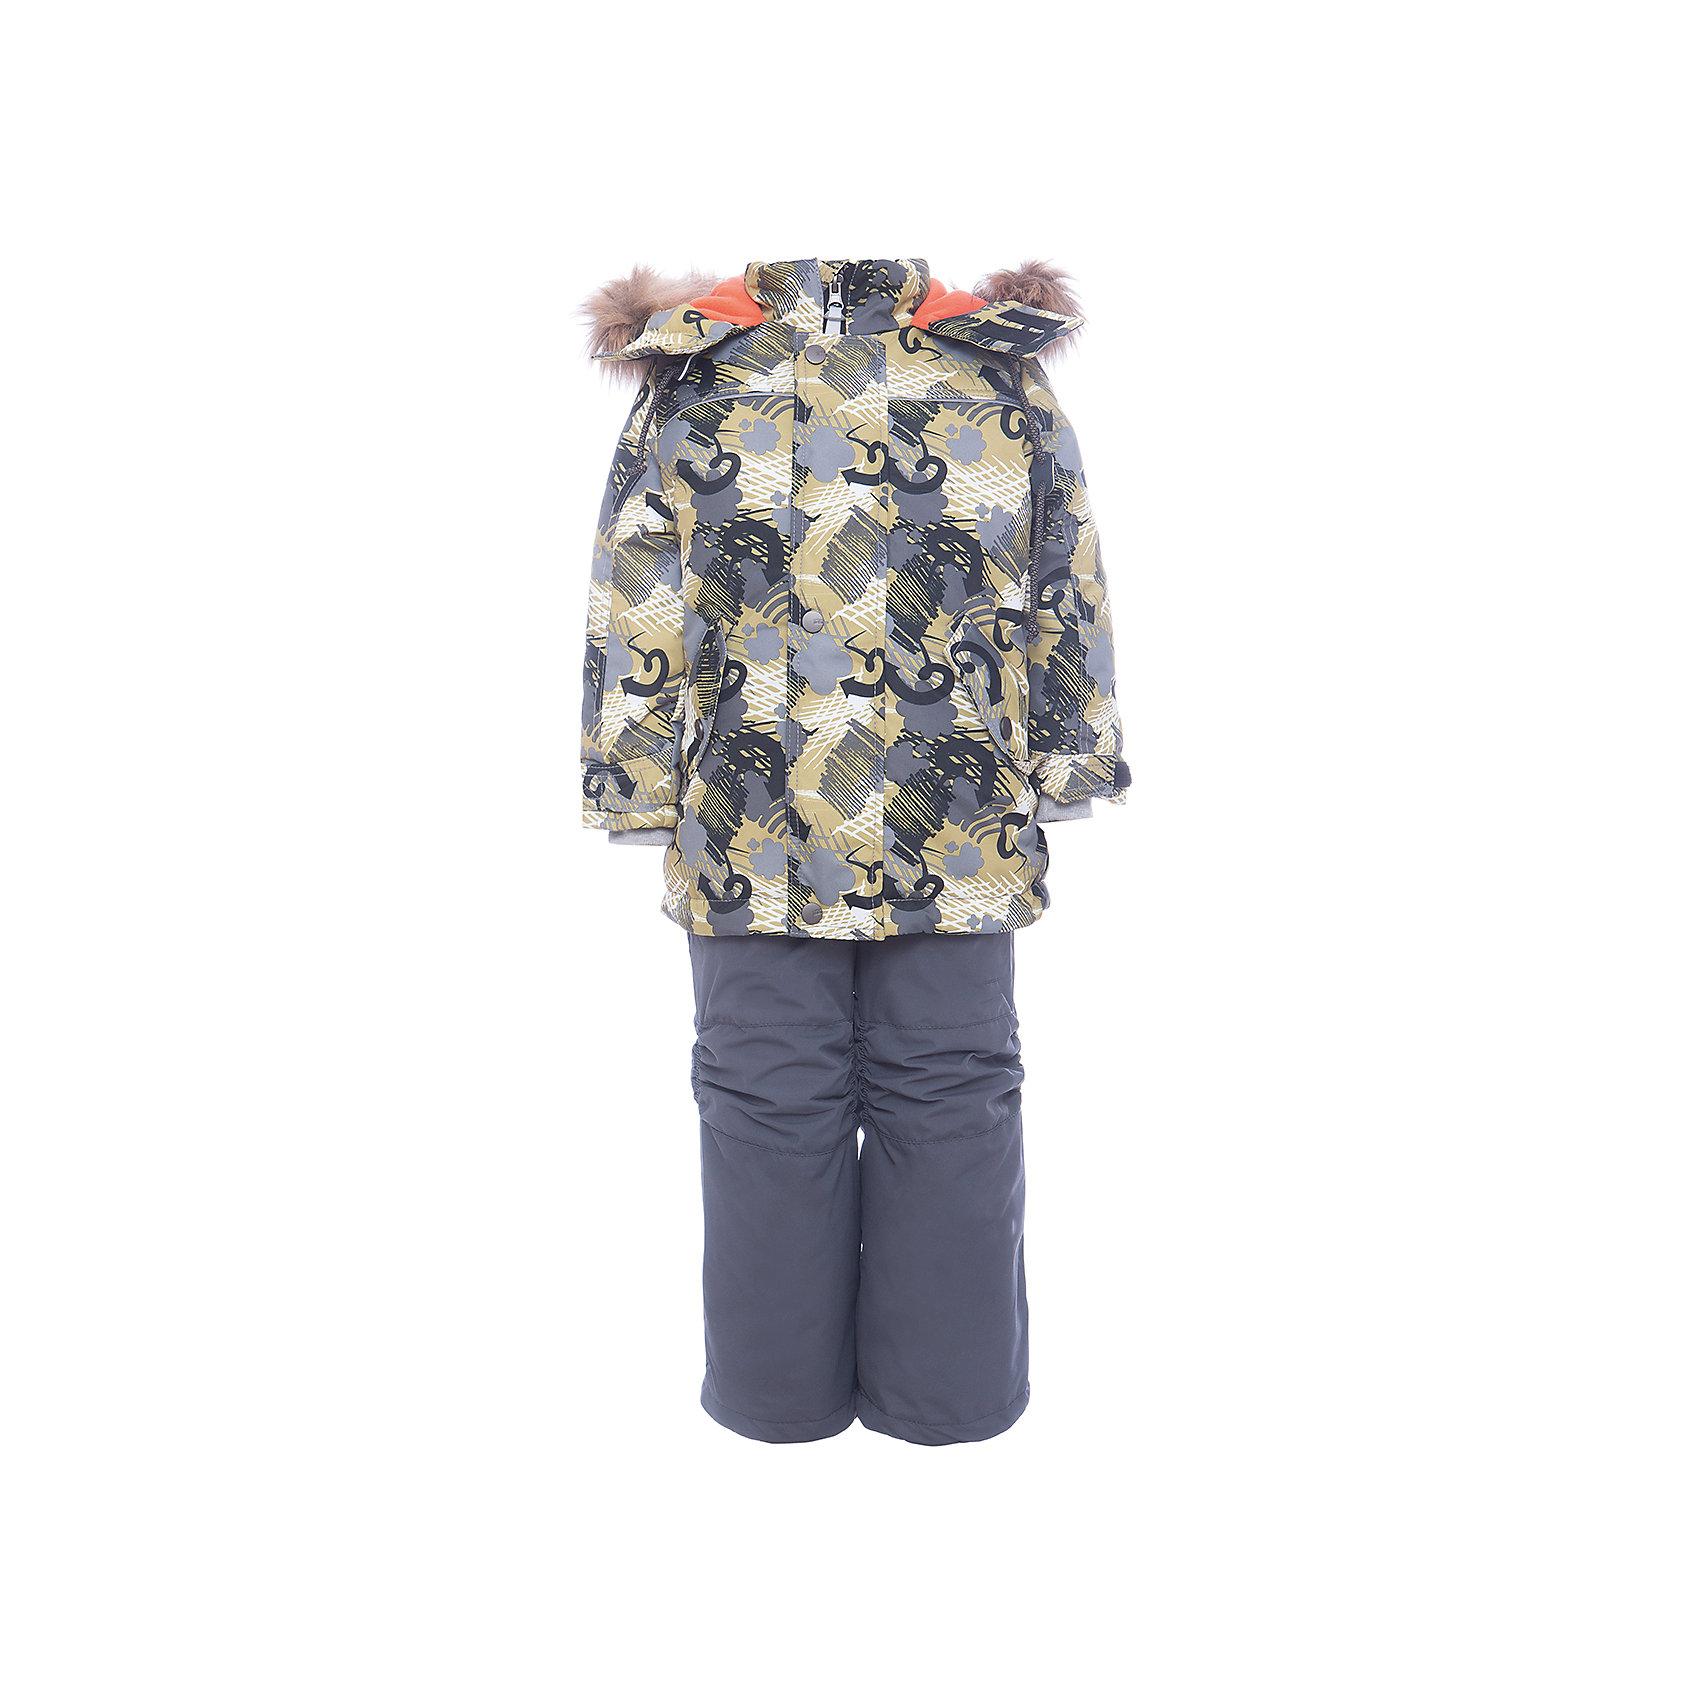 Комплект: куртка и полукомбенизон Дима Batik для мальчикаВерхняя одежда<br>Комплект: куртка и полукомбенизон Дима Batik для мальчика<br>Верхняя ткань обладает водоотталкивающими и ветрозащитными свойствами мембраны. Полукомбинезон с отстегивающимися лямками, имеются липучки для регулировки ширины низа брюк. Куртка на молнии с ветрозащитной планкой и юбкой внутри. Капюшон на кнопках со съемной опушкой. <br>Состав:<br>Ткань верха - TASLON OXFORD;  Утеплитель - Слайтекс 350;  Подкладка - Полар флис;<br><br>Ширина мм: 356<br>Глубина мм: 10<br>Высота мм: 245<br>Вес г: 519<br>Цвет: хаки<br>Возраст от месяцев: 60<br>Возраст до месяцев: 72<br>Пол: Мужской<br>Возраст: Детский<br>Размер: 116,104,110<br>SKU: 7028325